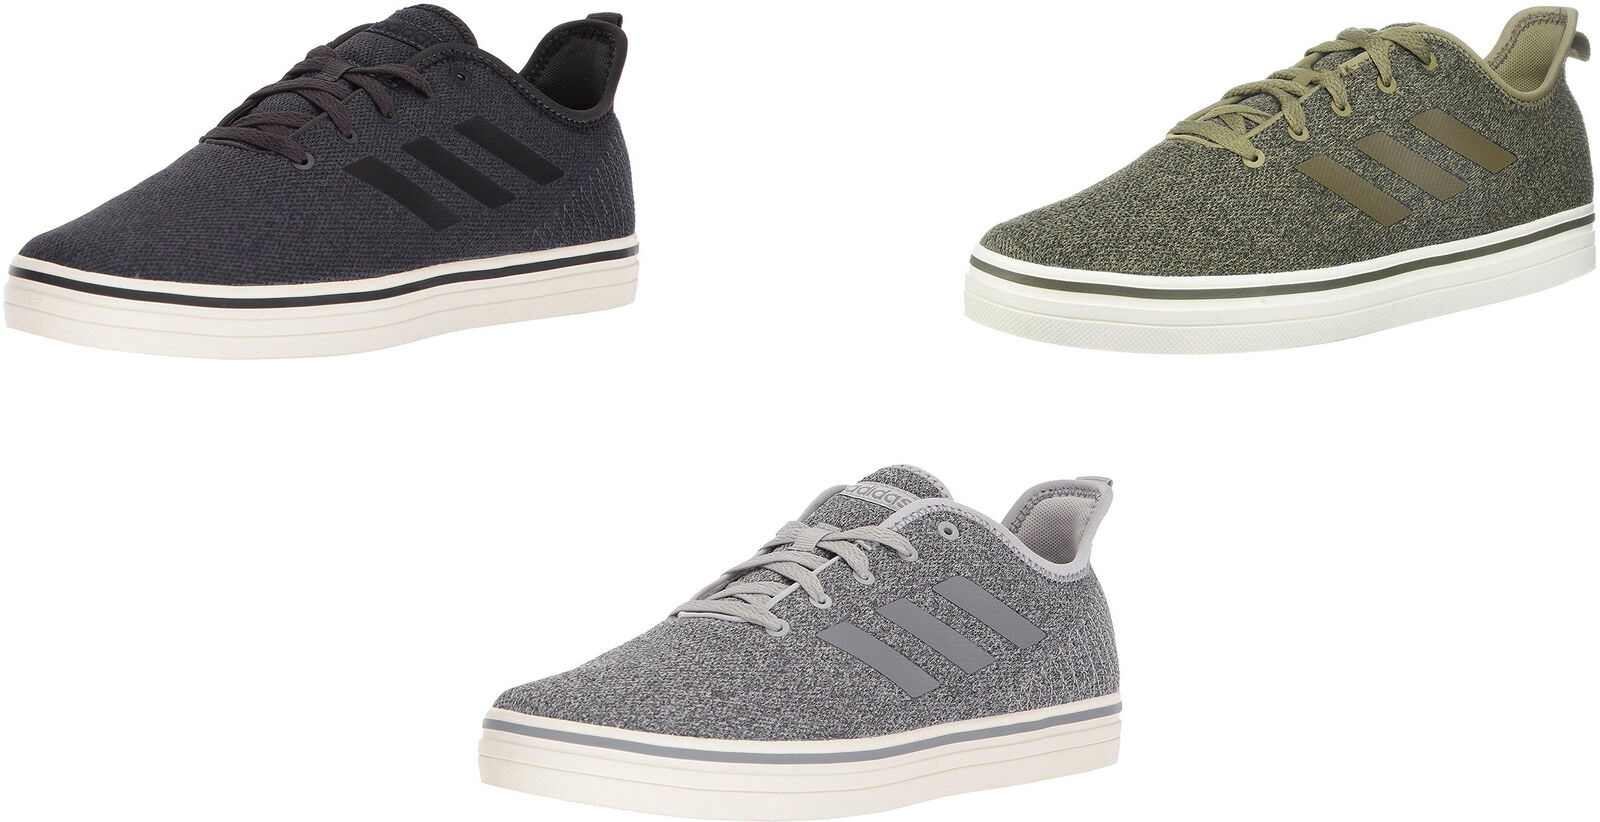 Adidas Men's Defy shoes, 3 colors